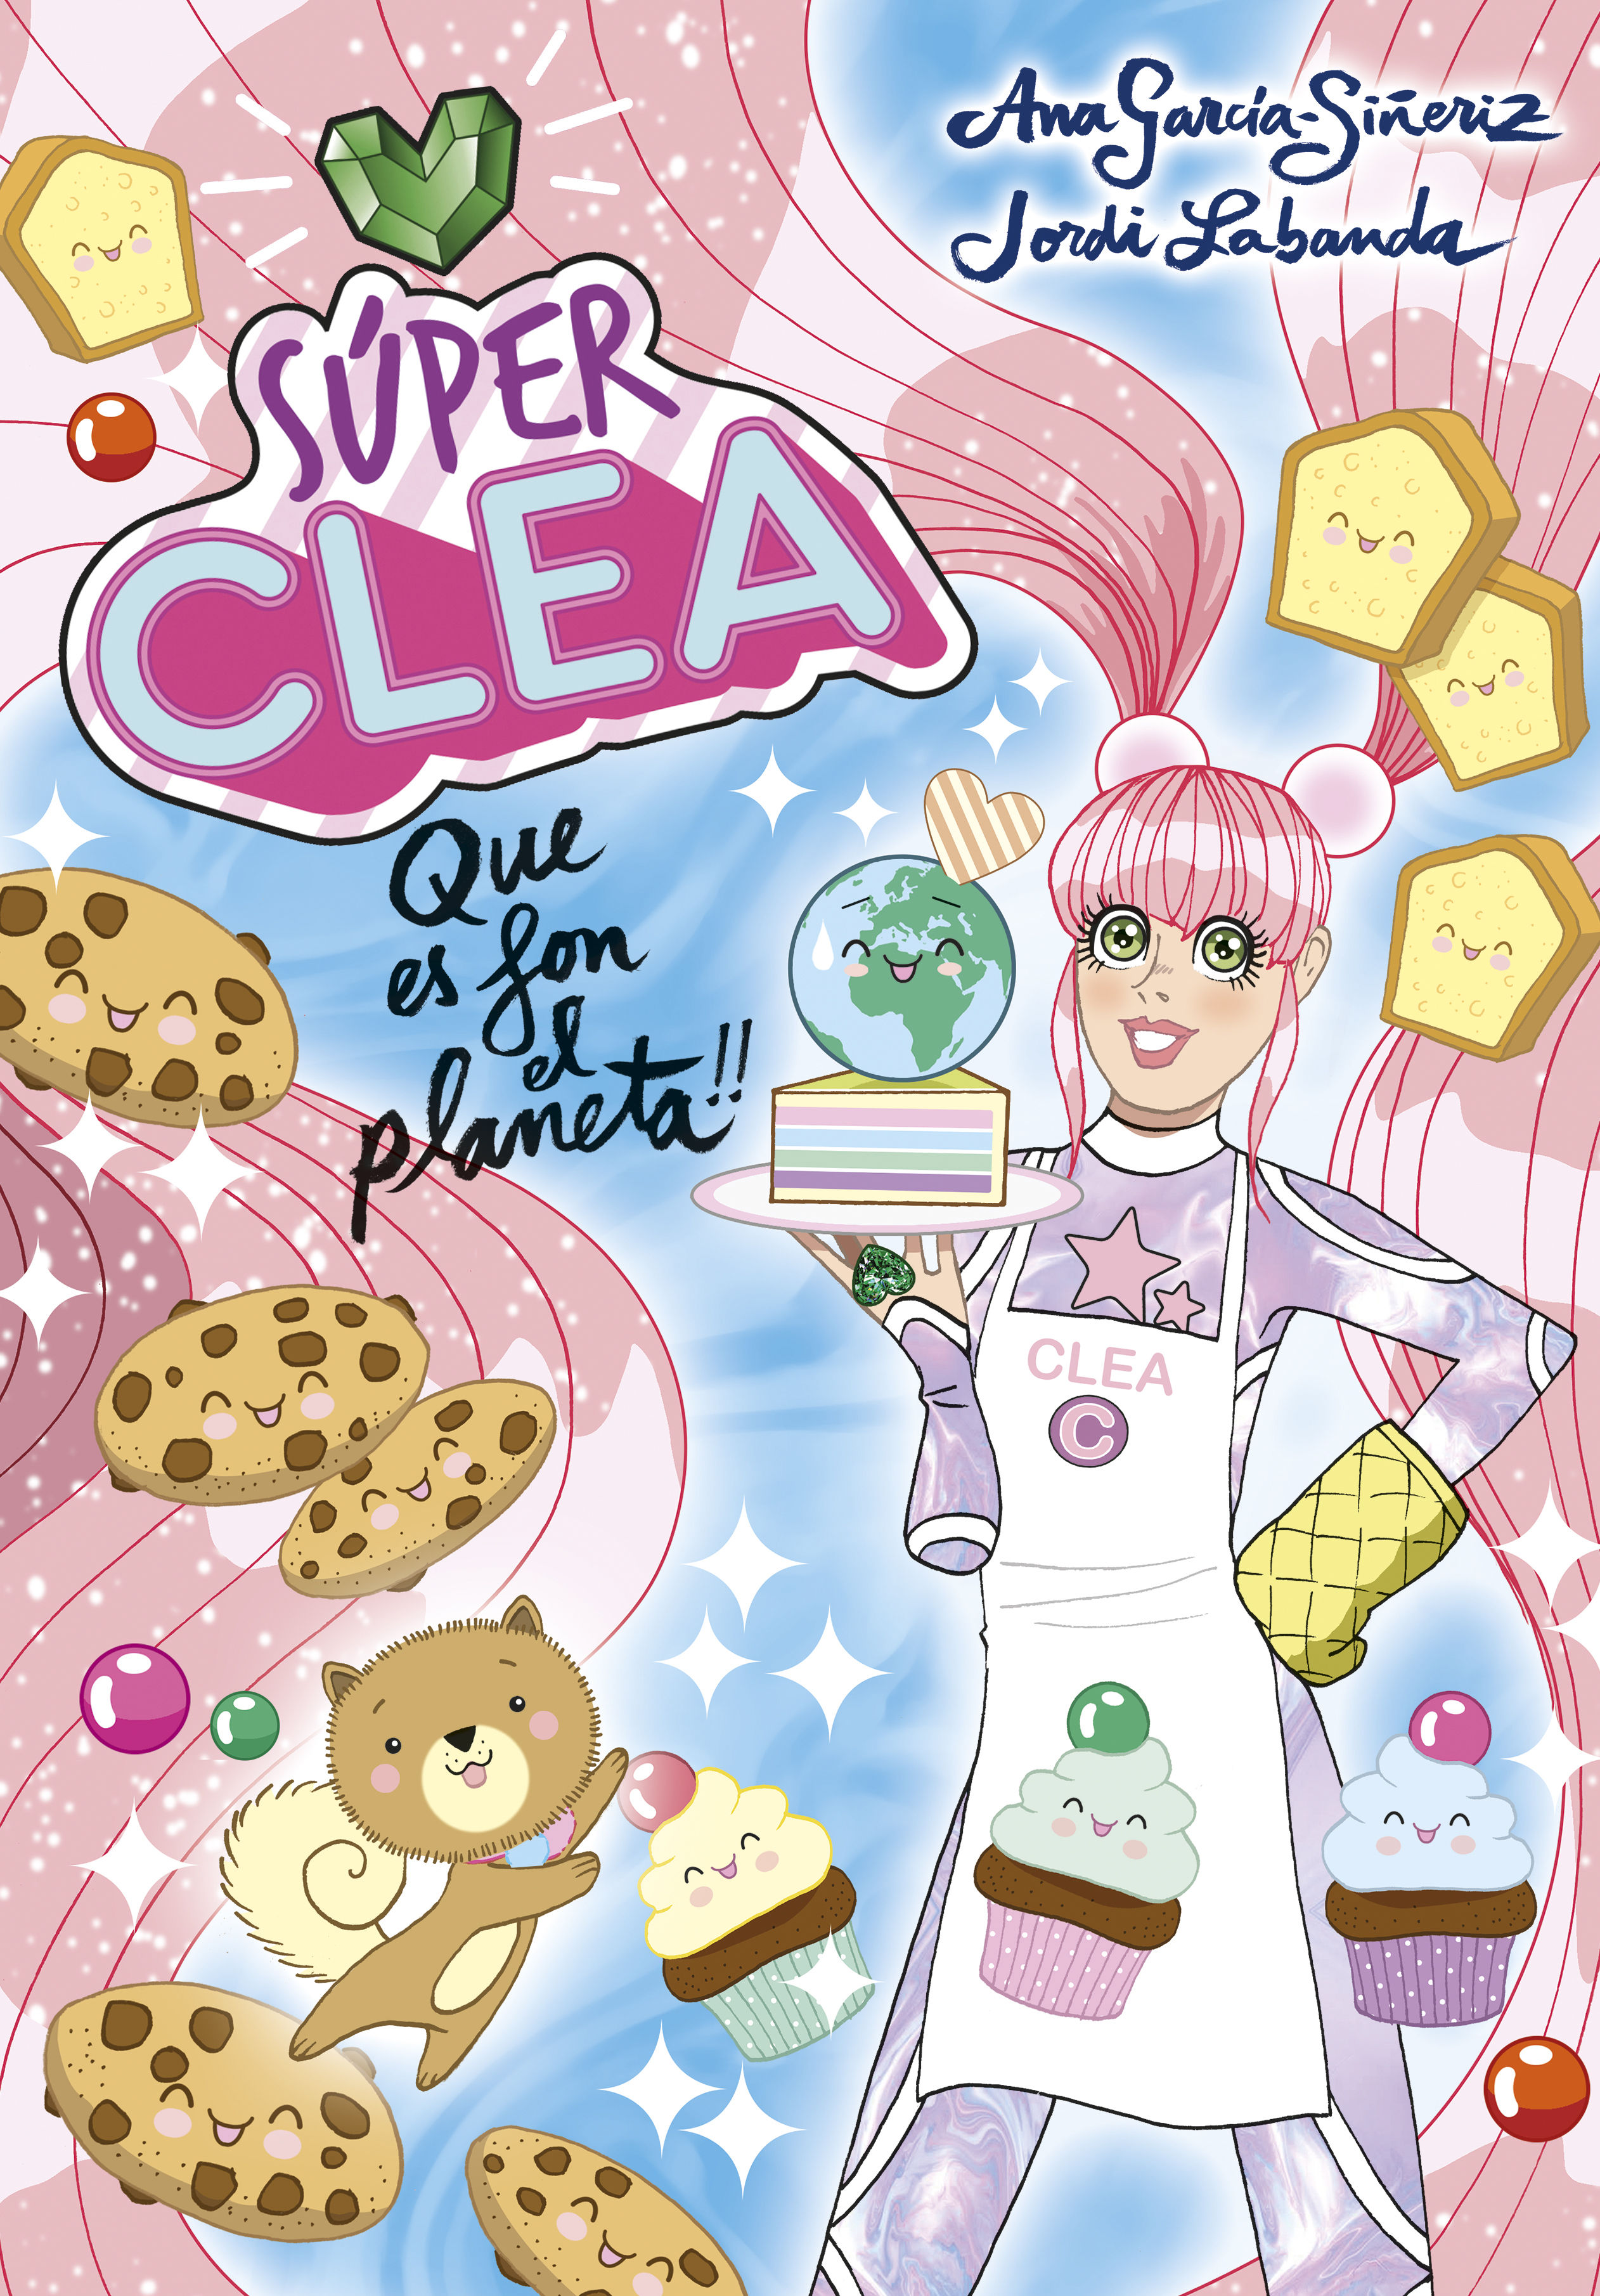 SÚPER CLEA 2 QUE ES FONGUI EL PLANETA! (SÈRIE SÚPER CLEA 2)